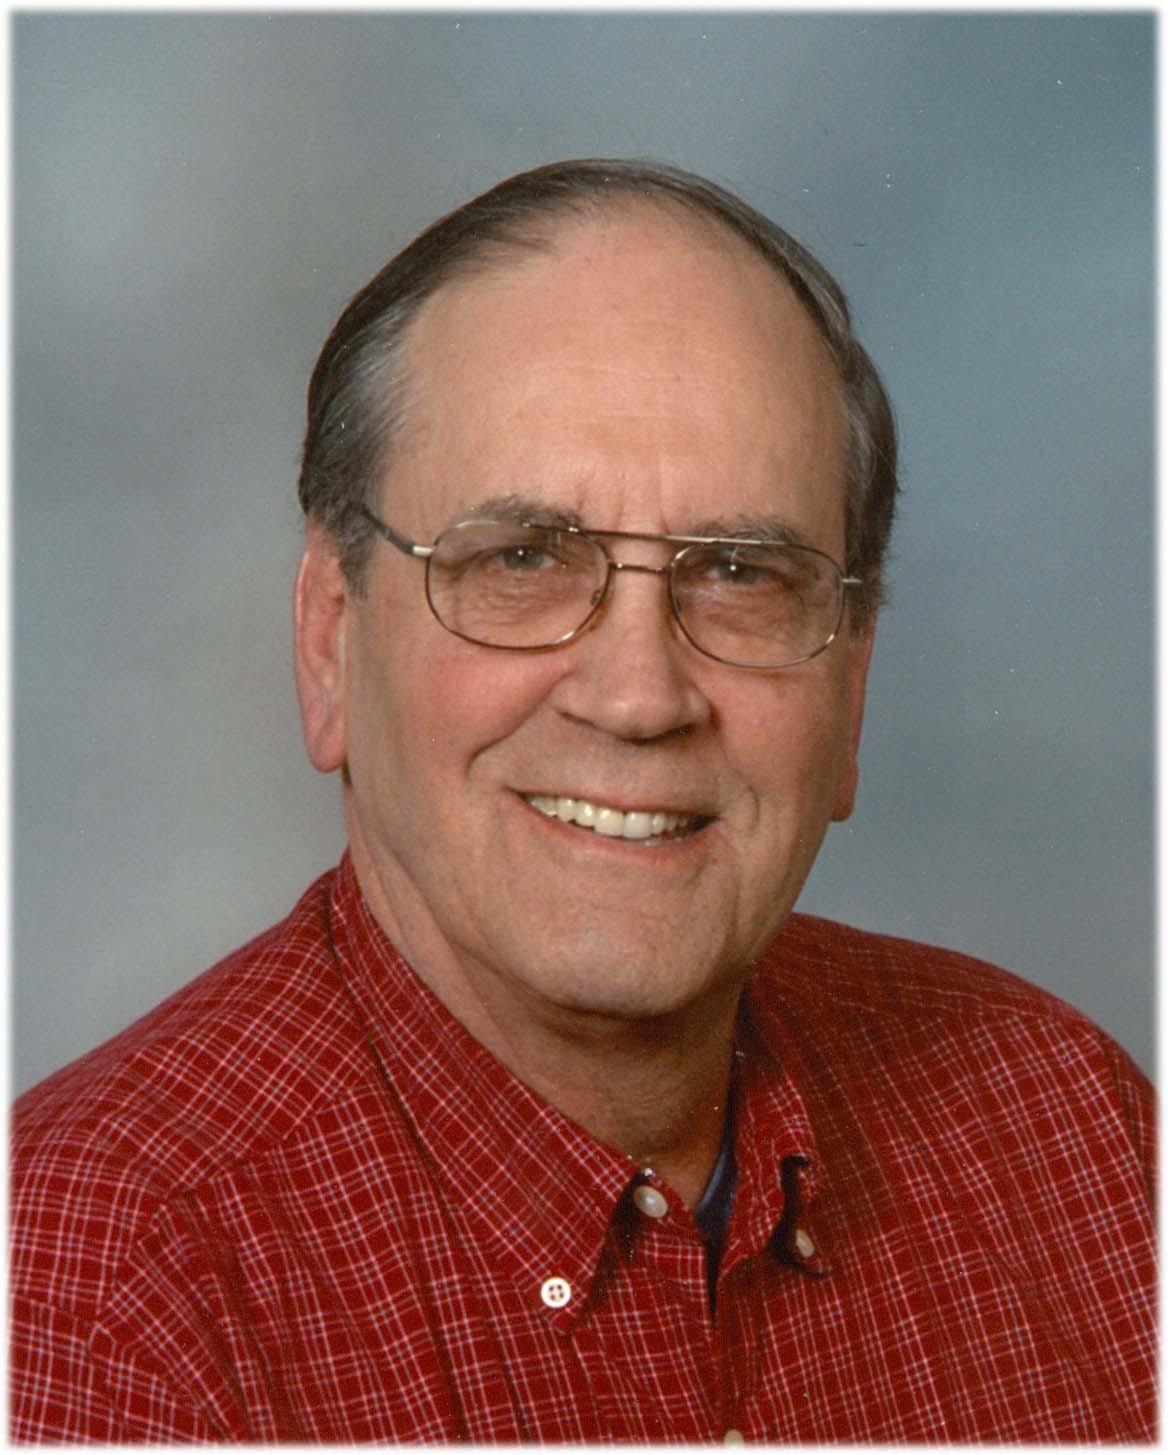 Gary L. Dale